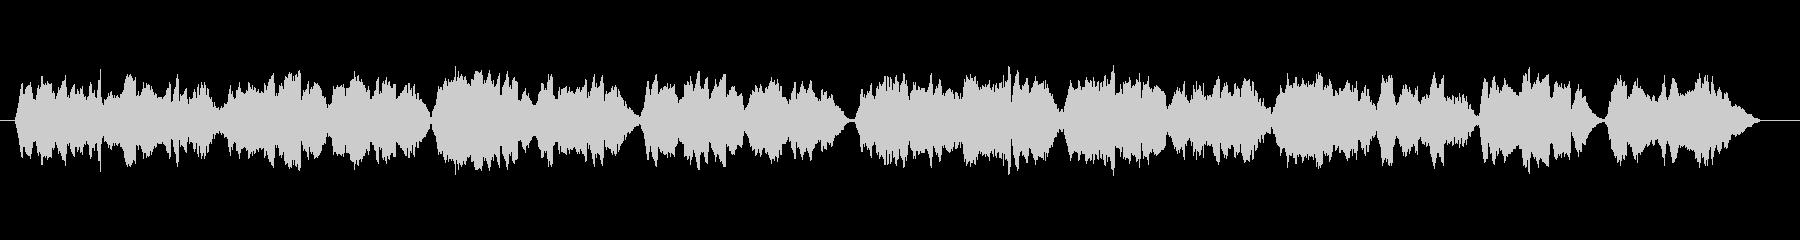 """Nursery rhyme """"Oborozukiyo"""" by unaccompanied violin's unreproduced waveform"""